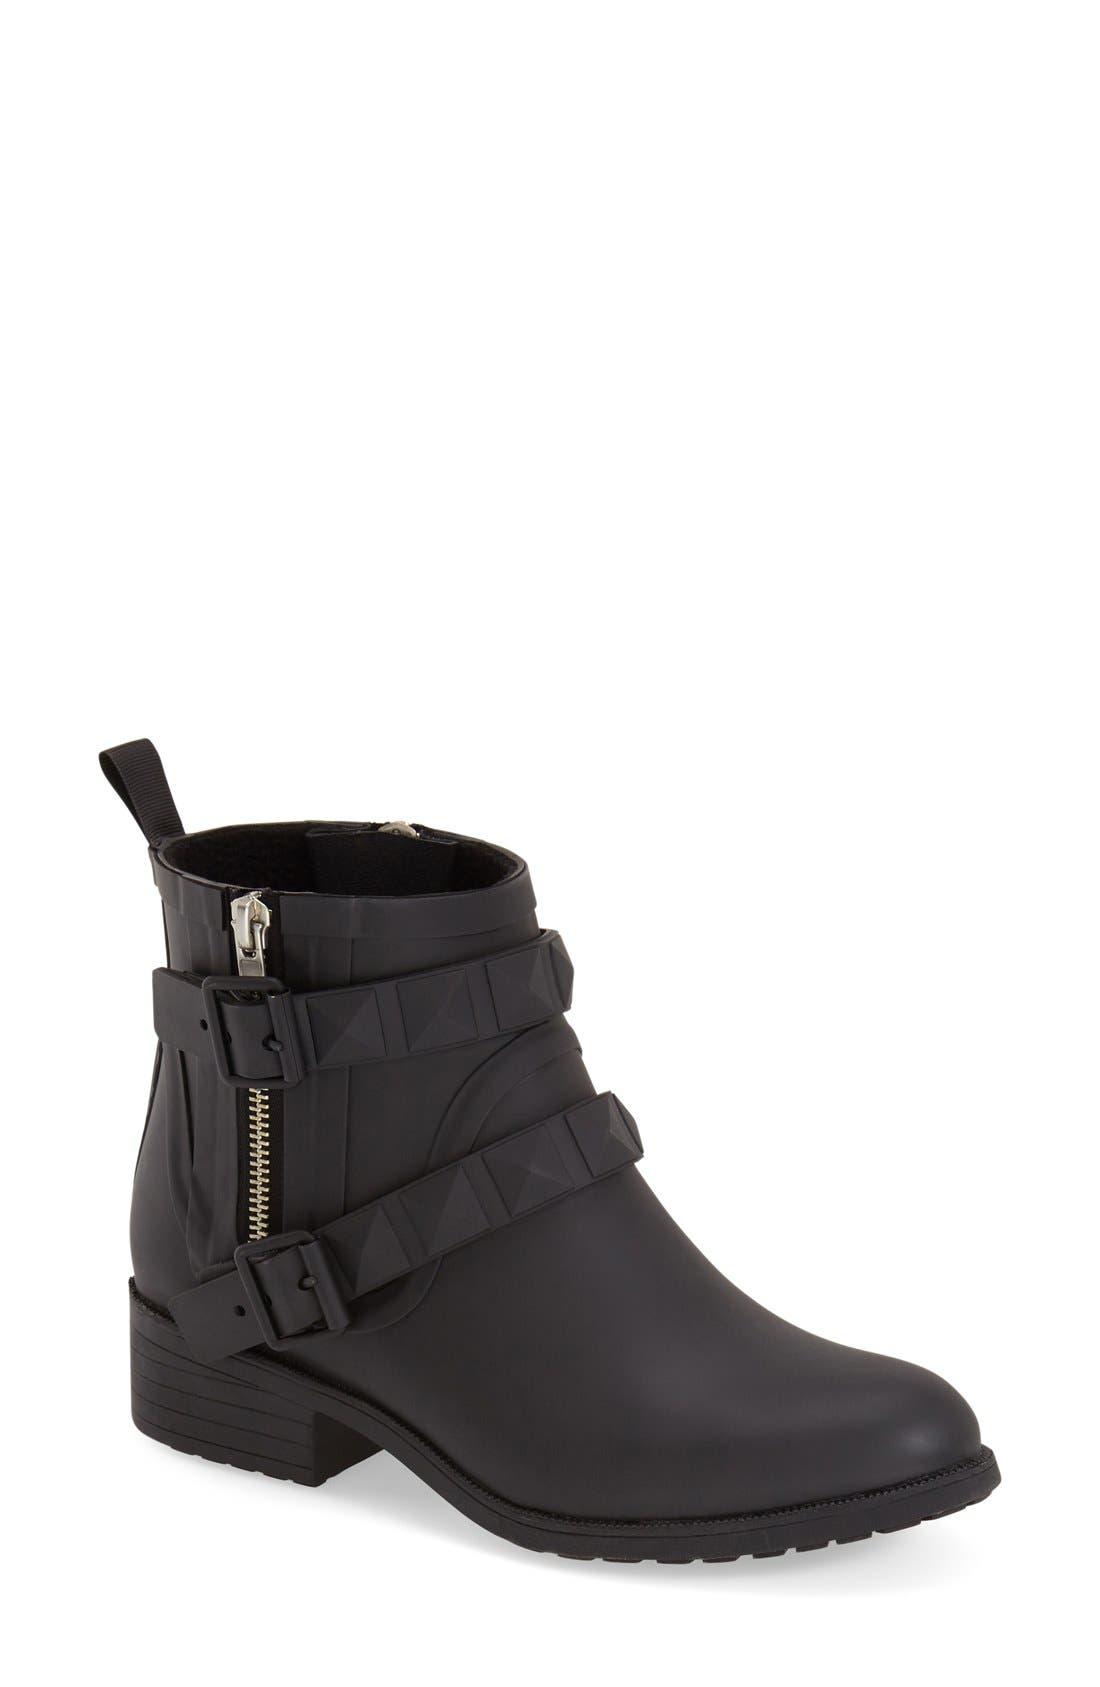 'Quincy' Waterproof Rain Boot,                         Main,                         color, 001